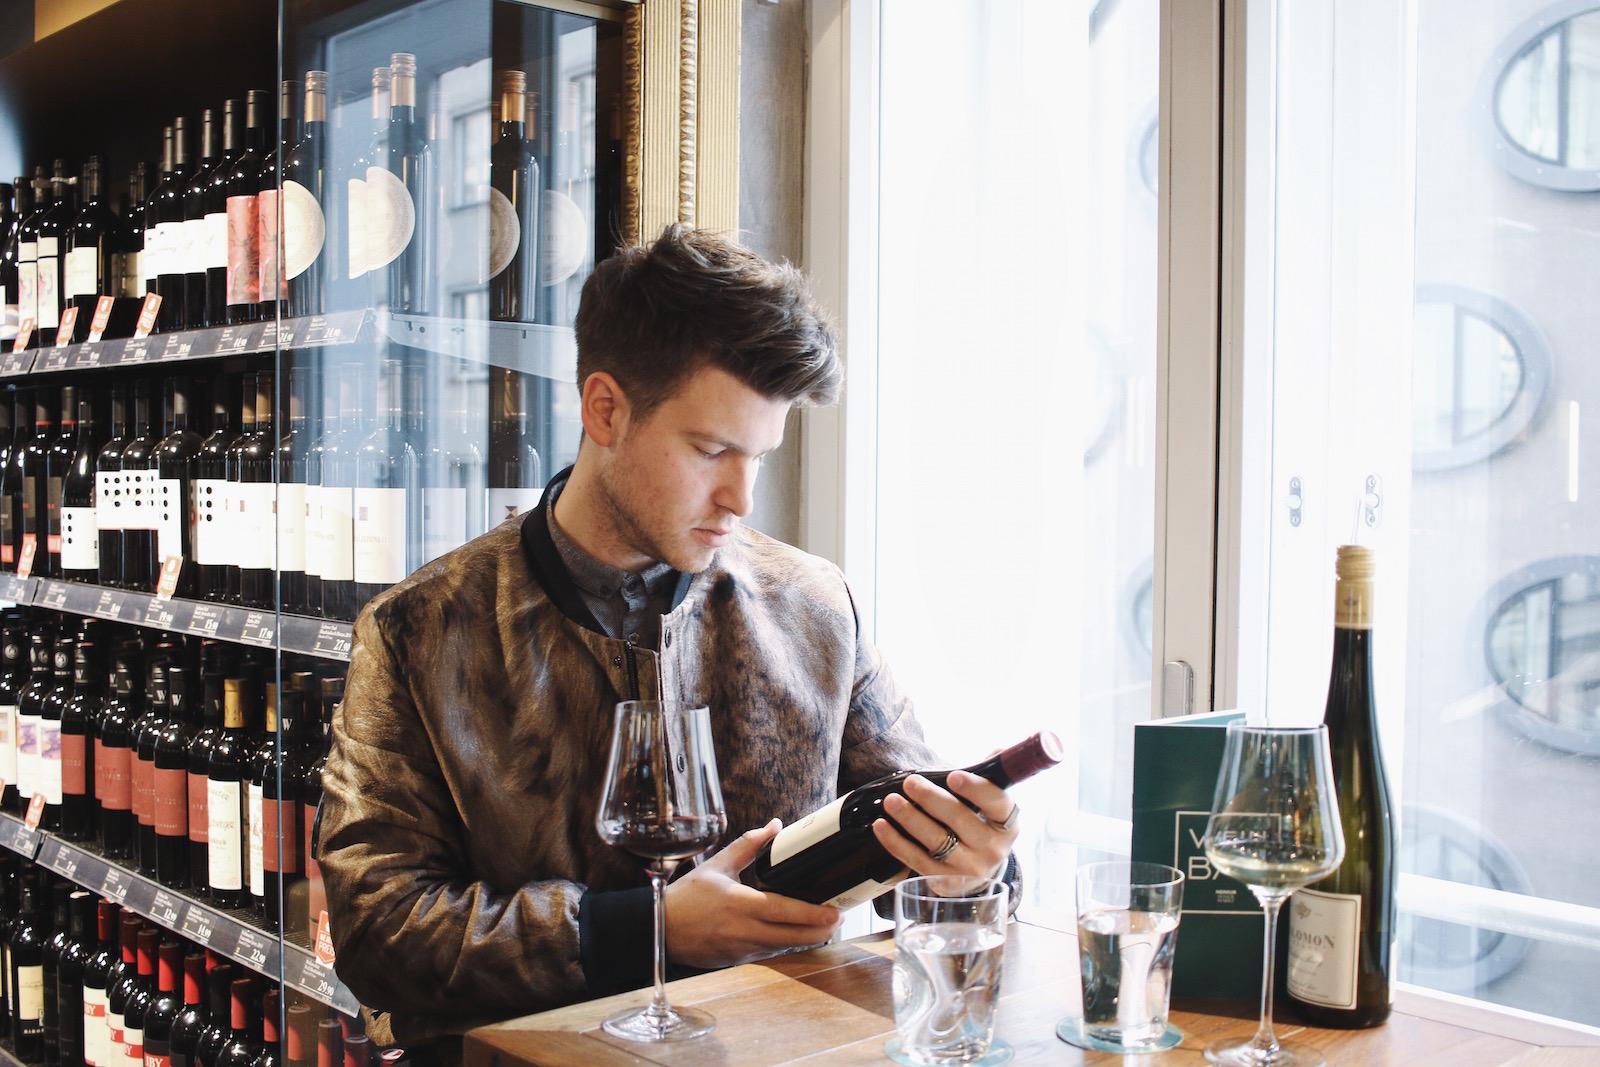 Weinbar im Merkur Hoher Markt_Restauranttest Review Weinverkostung Mittagsmenü_Wien erster Bezirk_Meanwhile in Awesometown_Wiener Männerblog Modeblog Lifestyleblog für Männer2